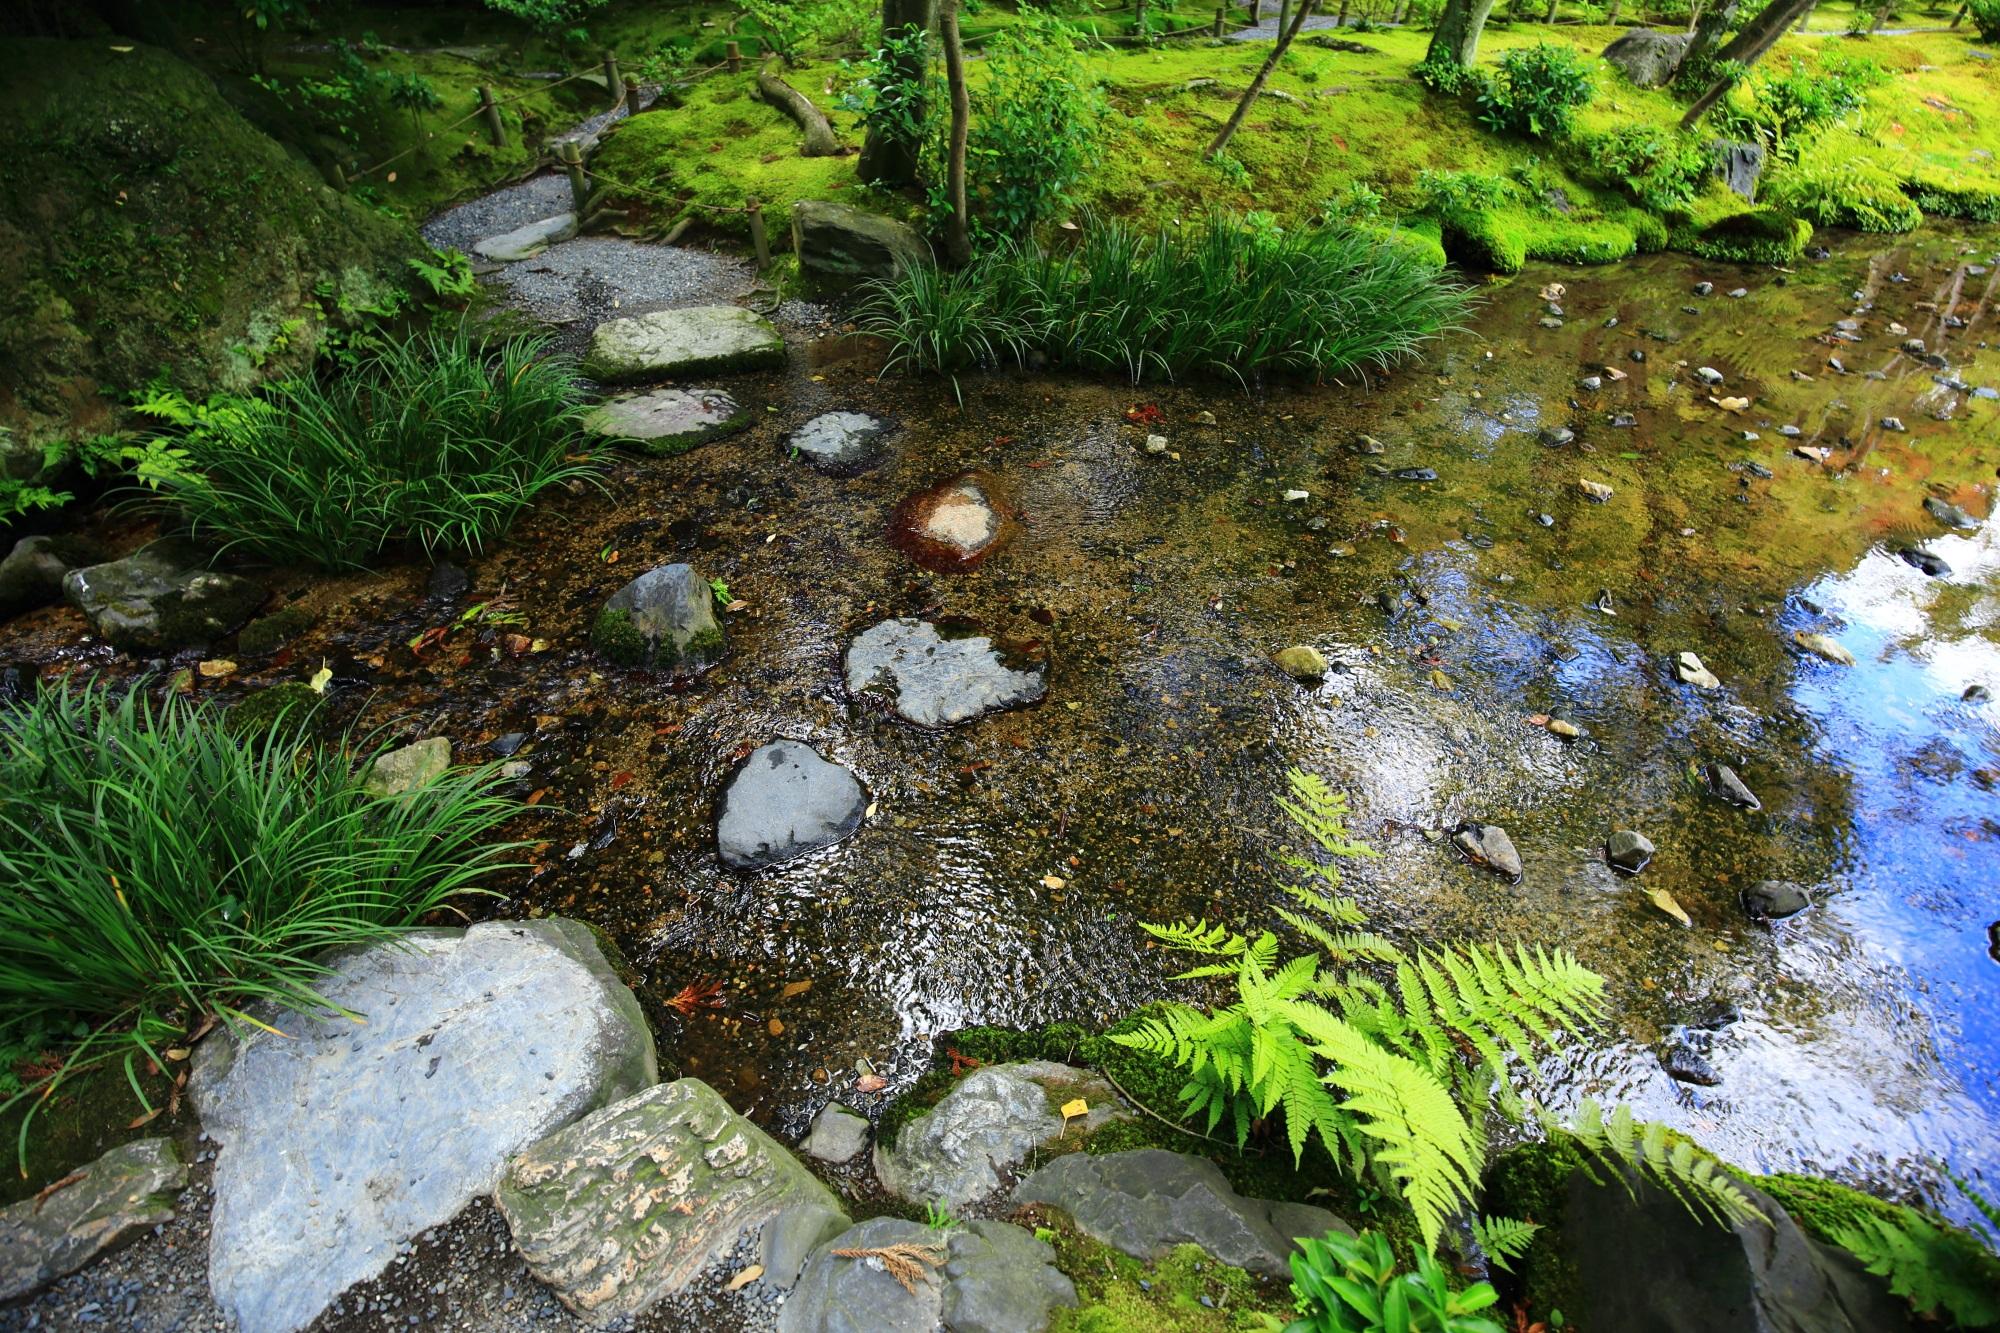 無鄰菴(むりんあん)の美しい池泉回遊式庭園 8月27日